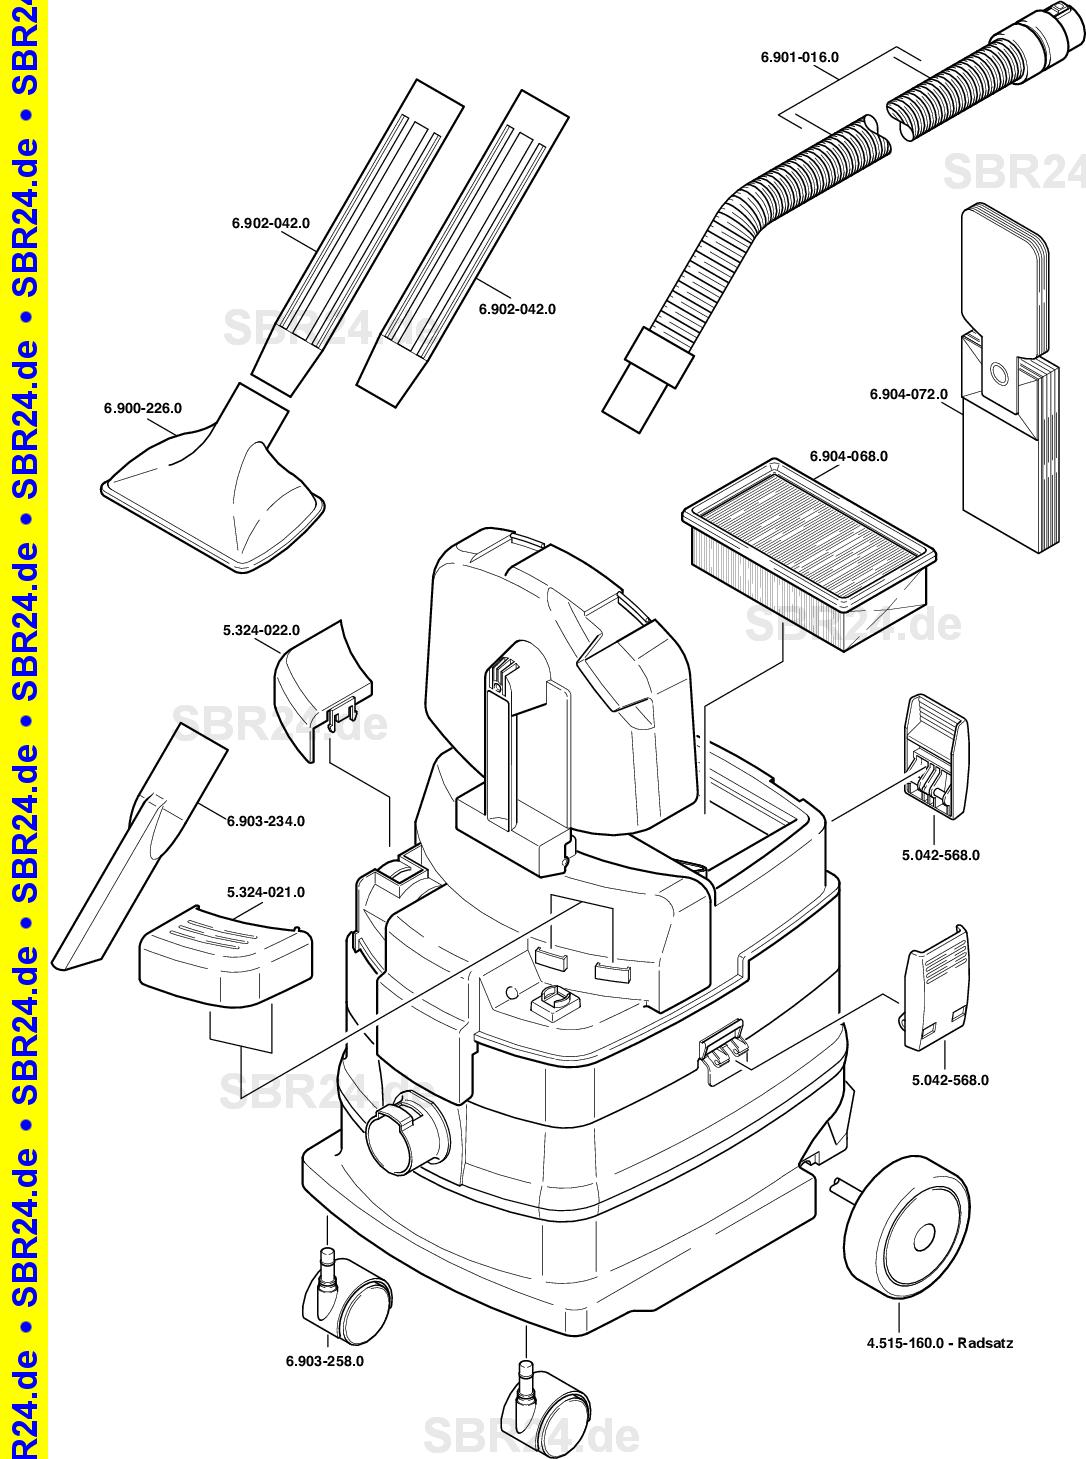 Kärcher Ersatzteile K 2000 E Nw60 Eu 1892 1210